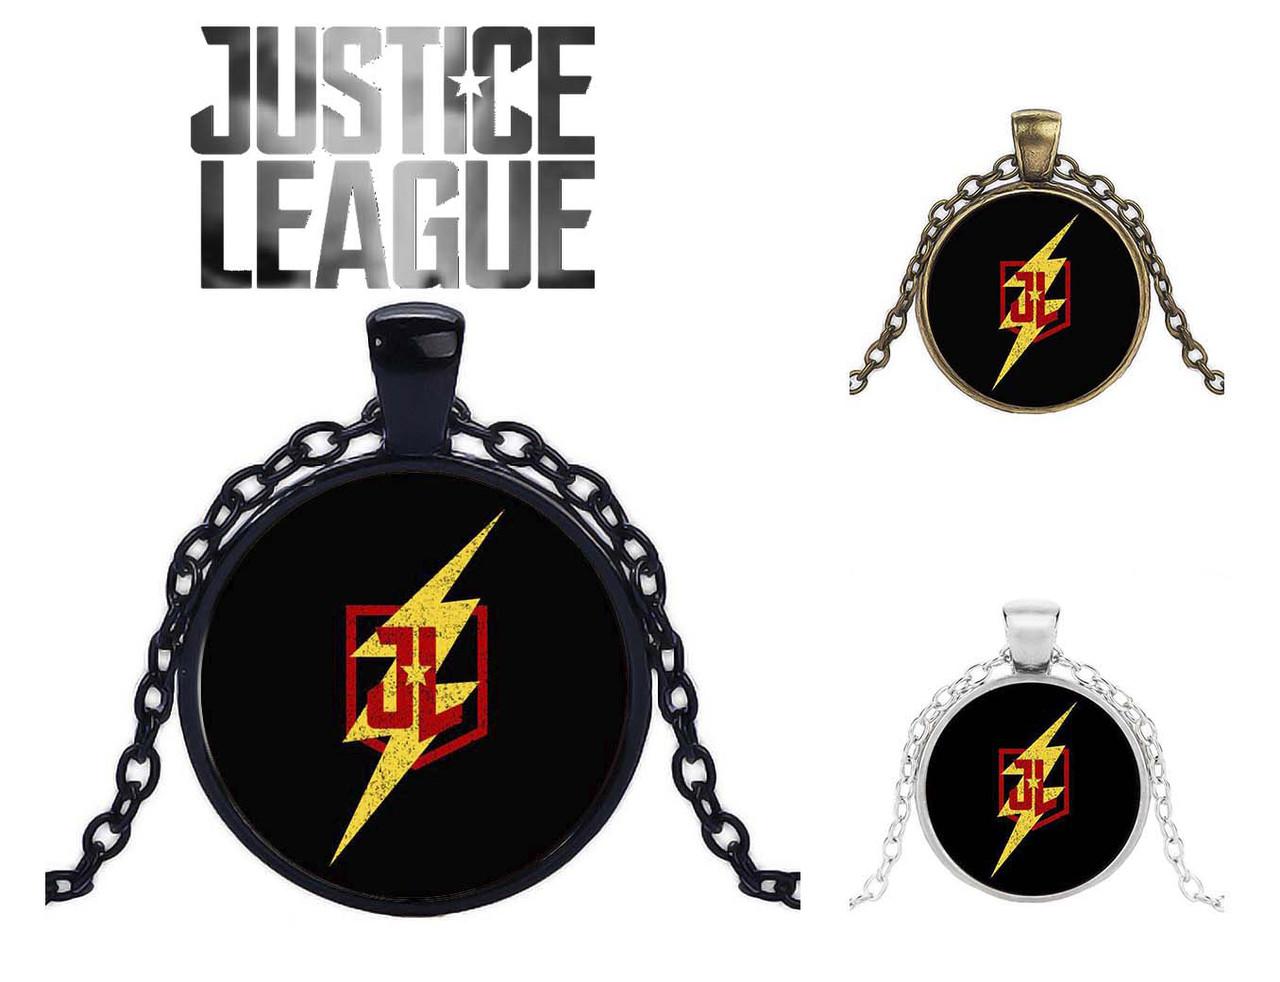 Кулон с изображением логотипа Justice League Лига Справедливости DC комиксы